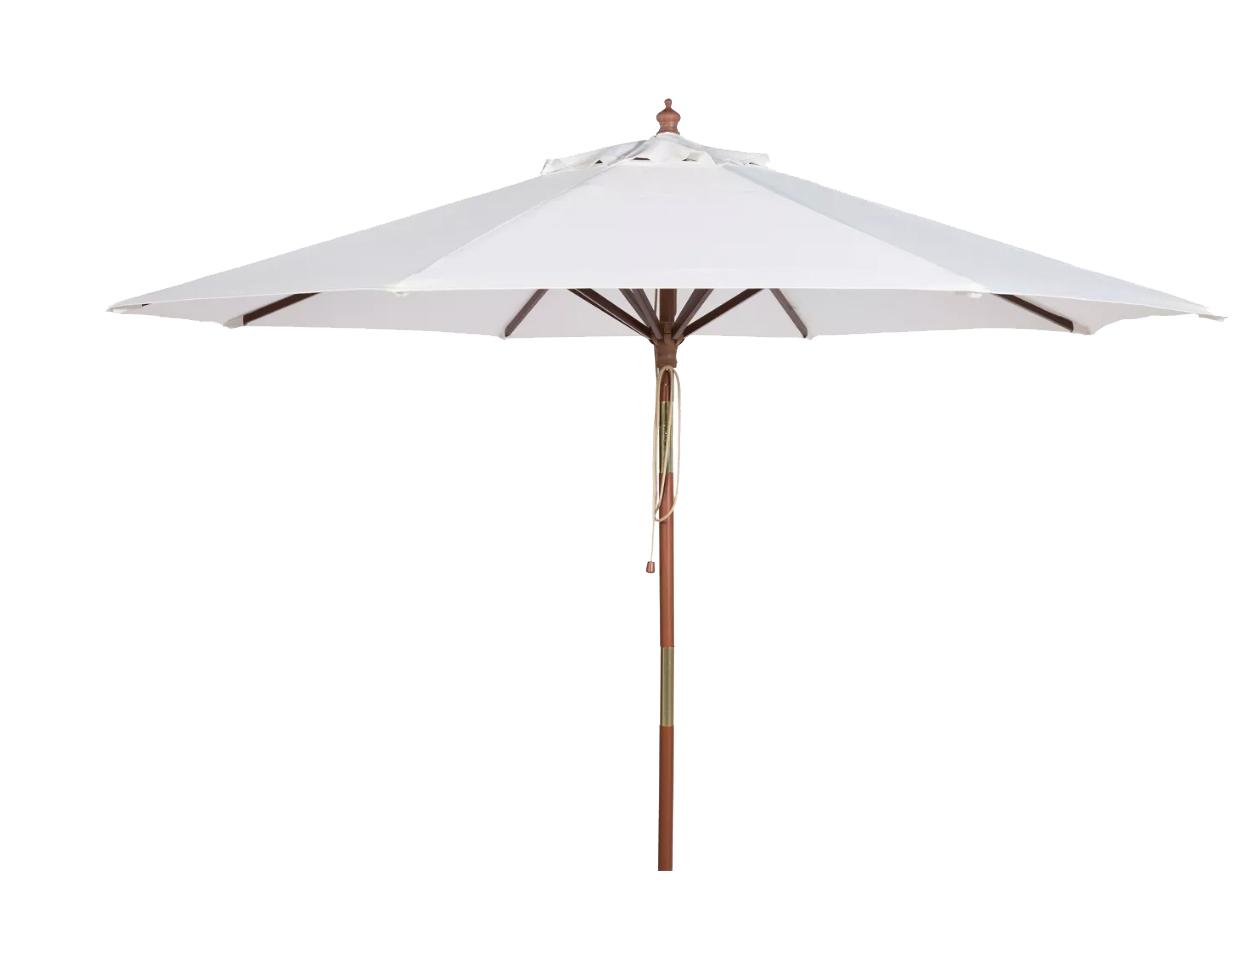 Cannes 9' Market Umbrella